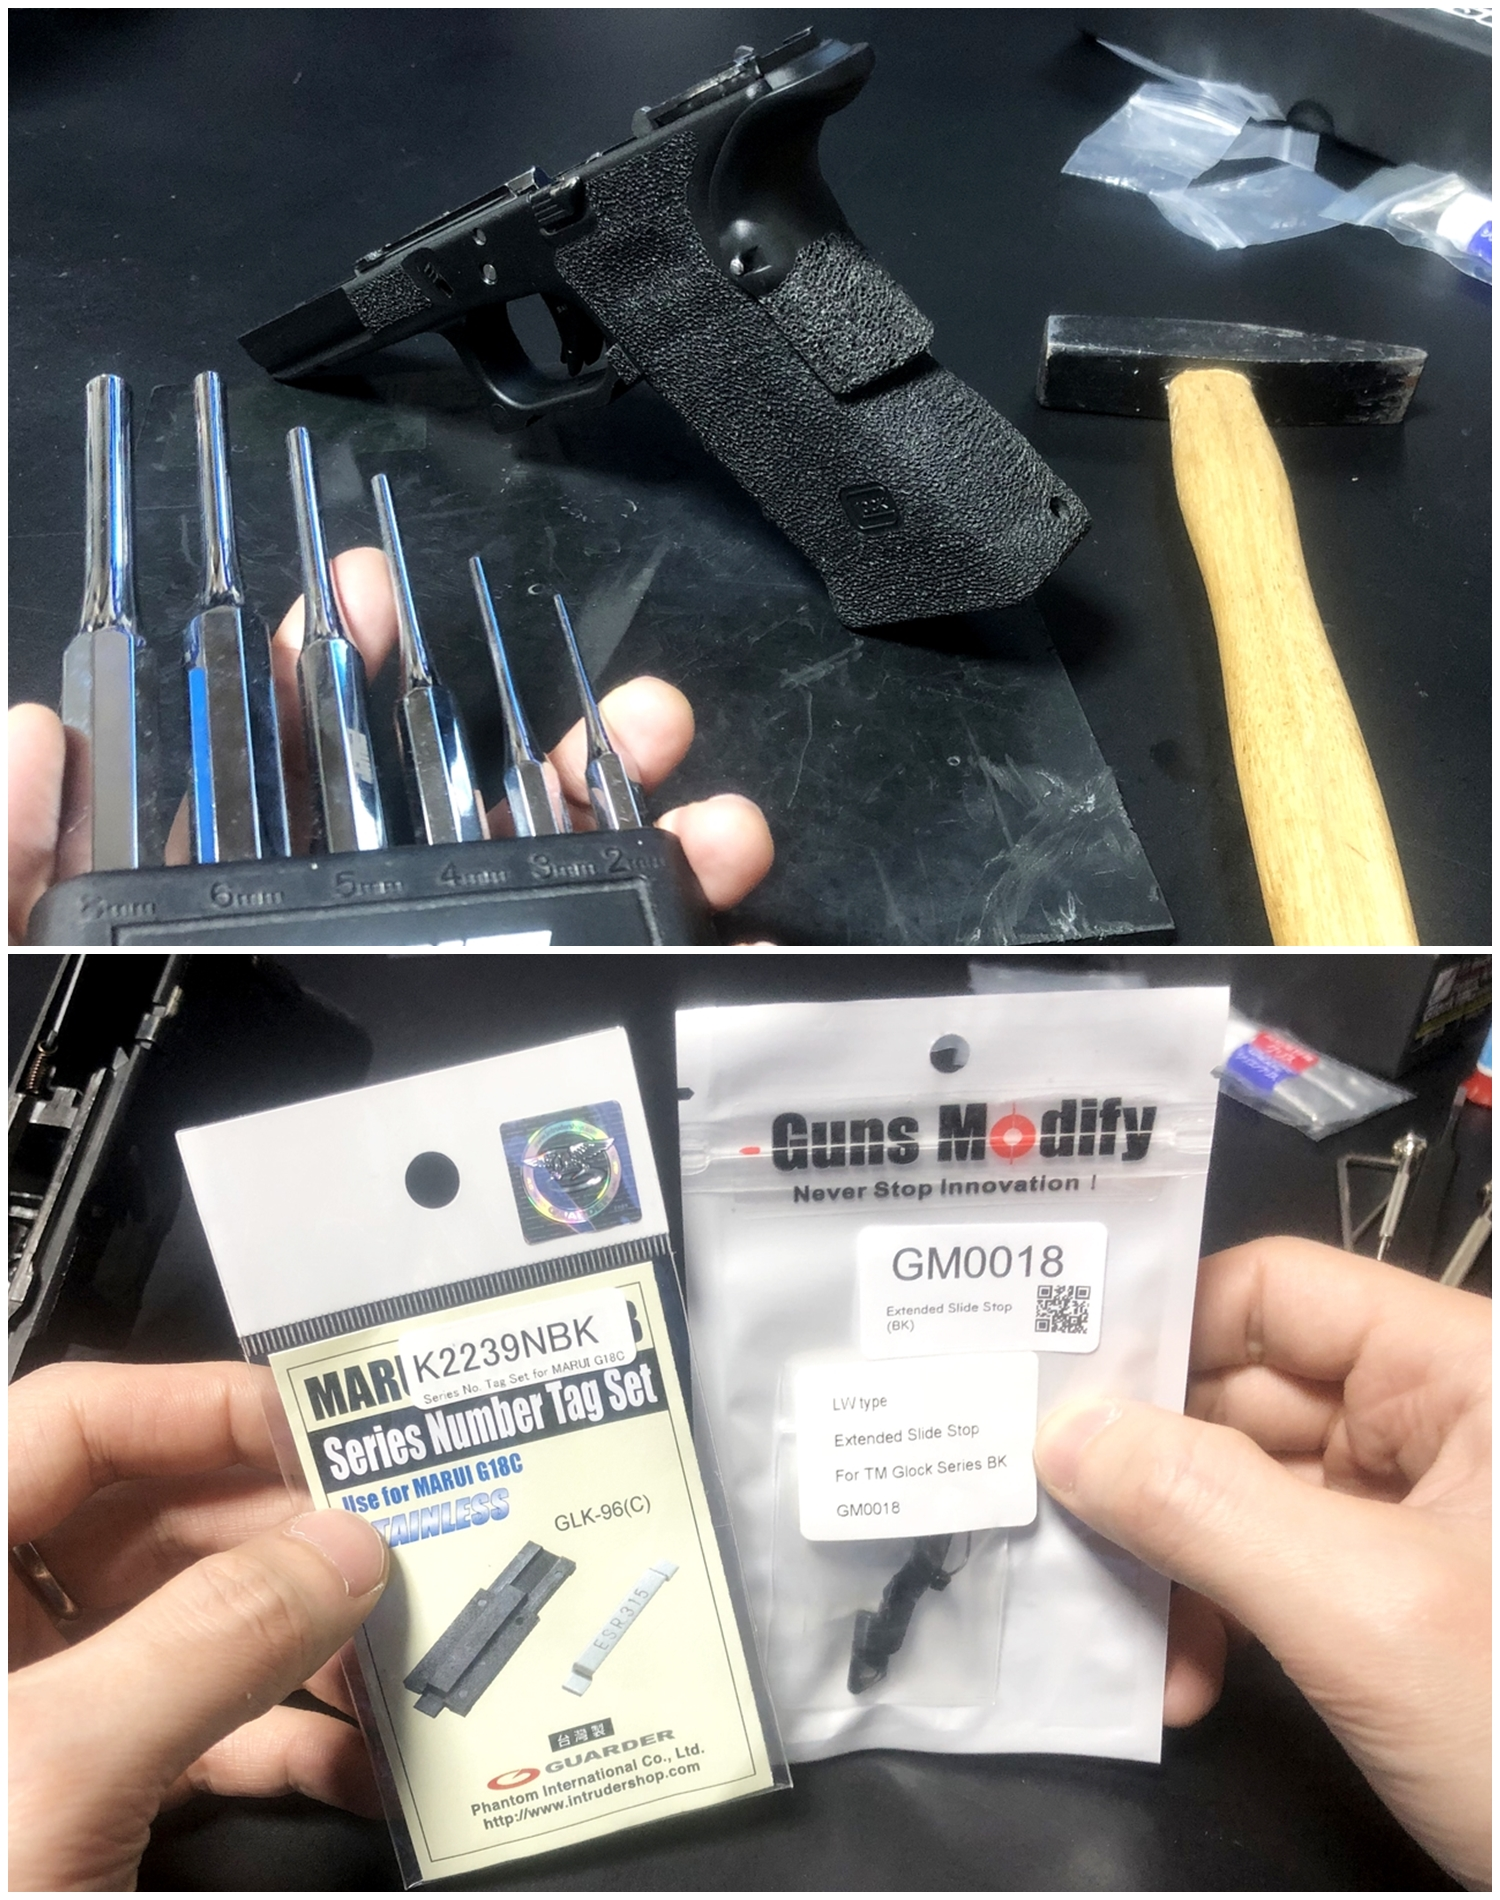 35【前半】 SAI GLOCK カスタムスライド G18C 組込完了!! やっと組み立てたぞ!! Guns Modify Salient Arms GM0251 スライドパーツ 購入 組込 分解 取付 カスタム レビュー!!